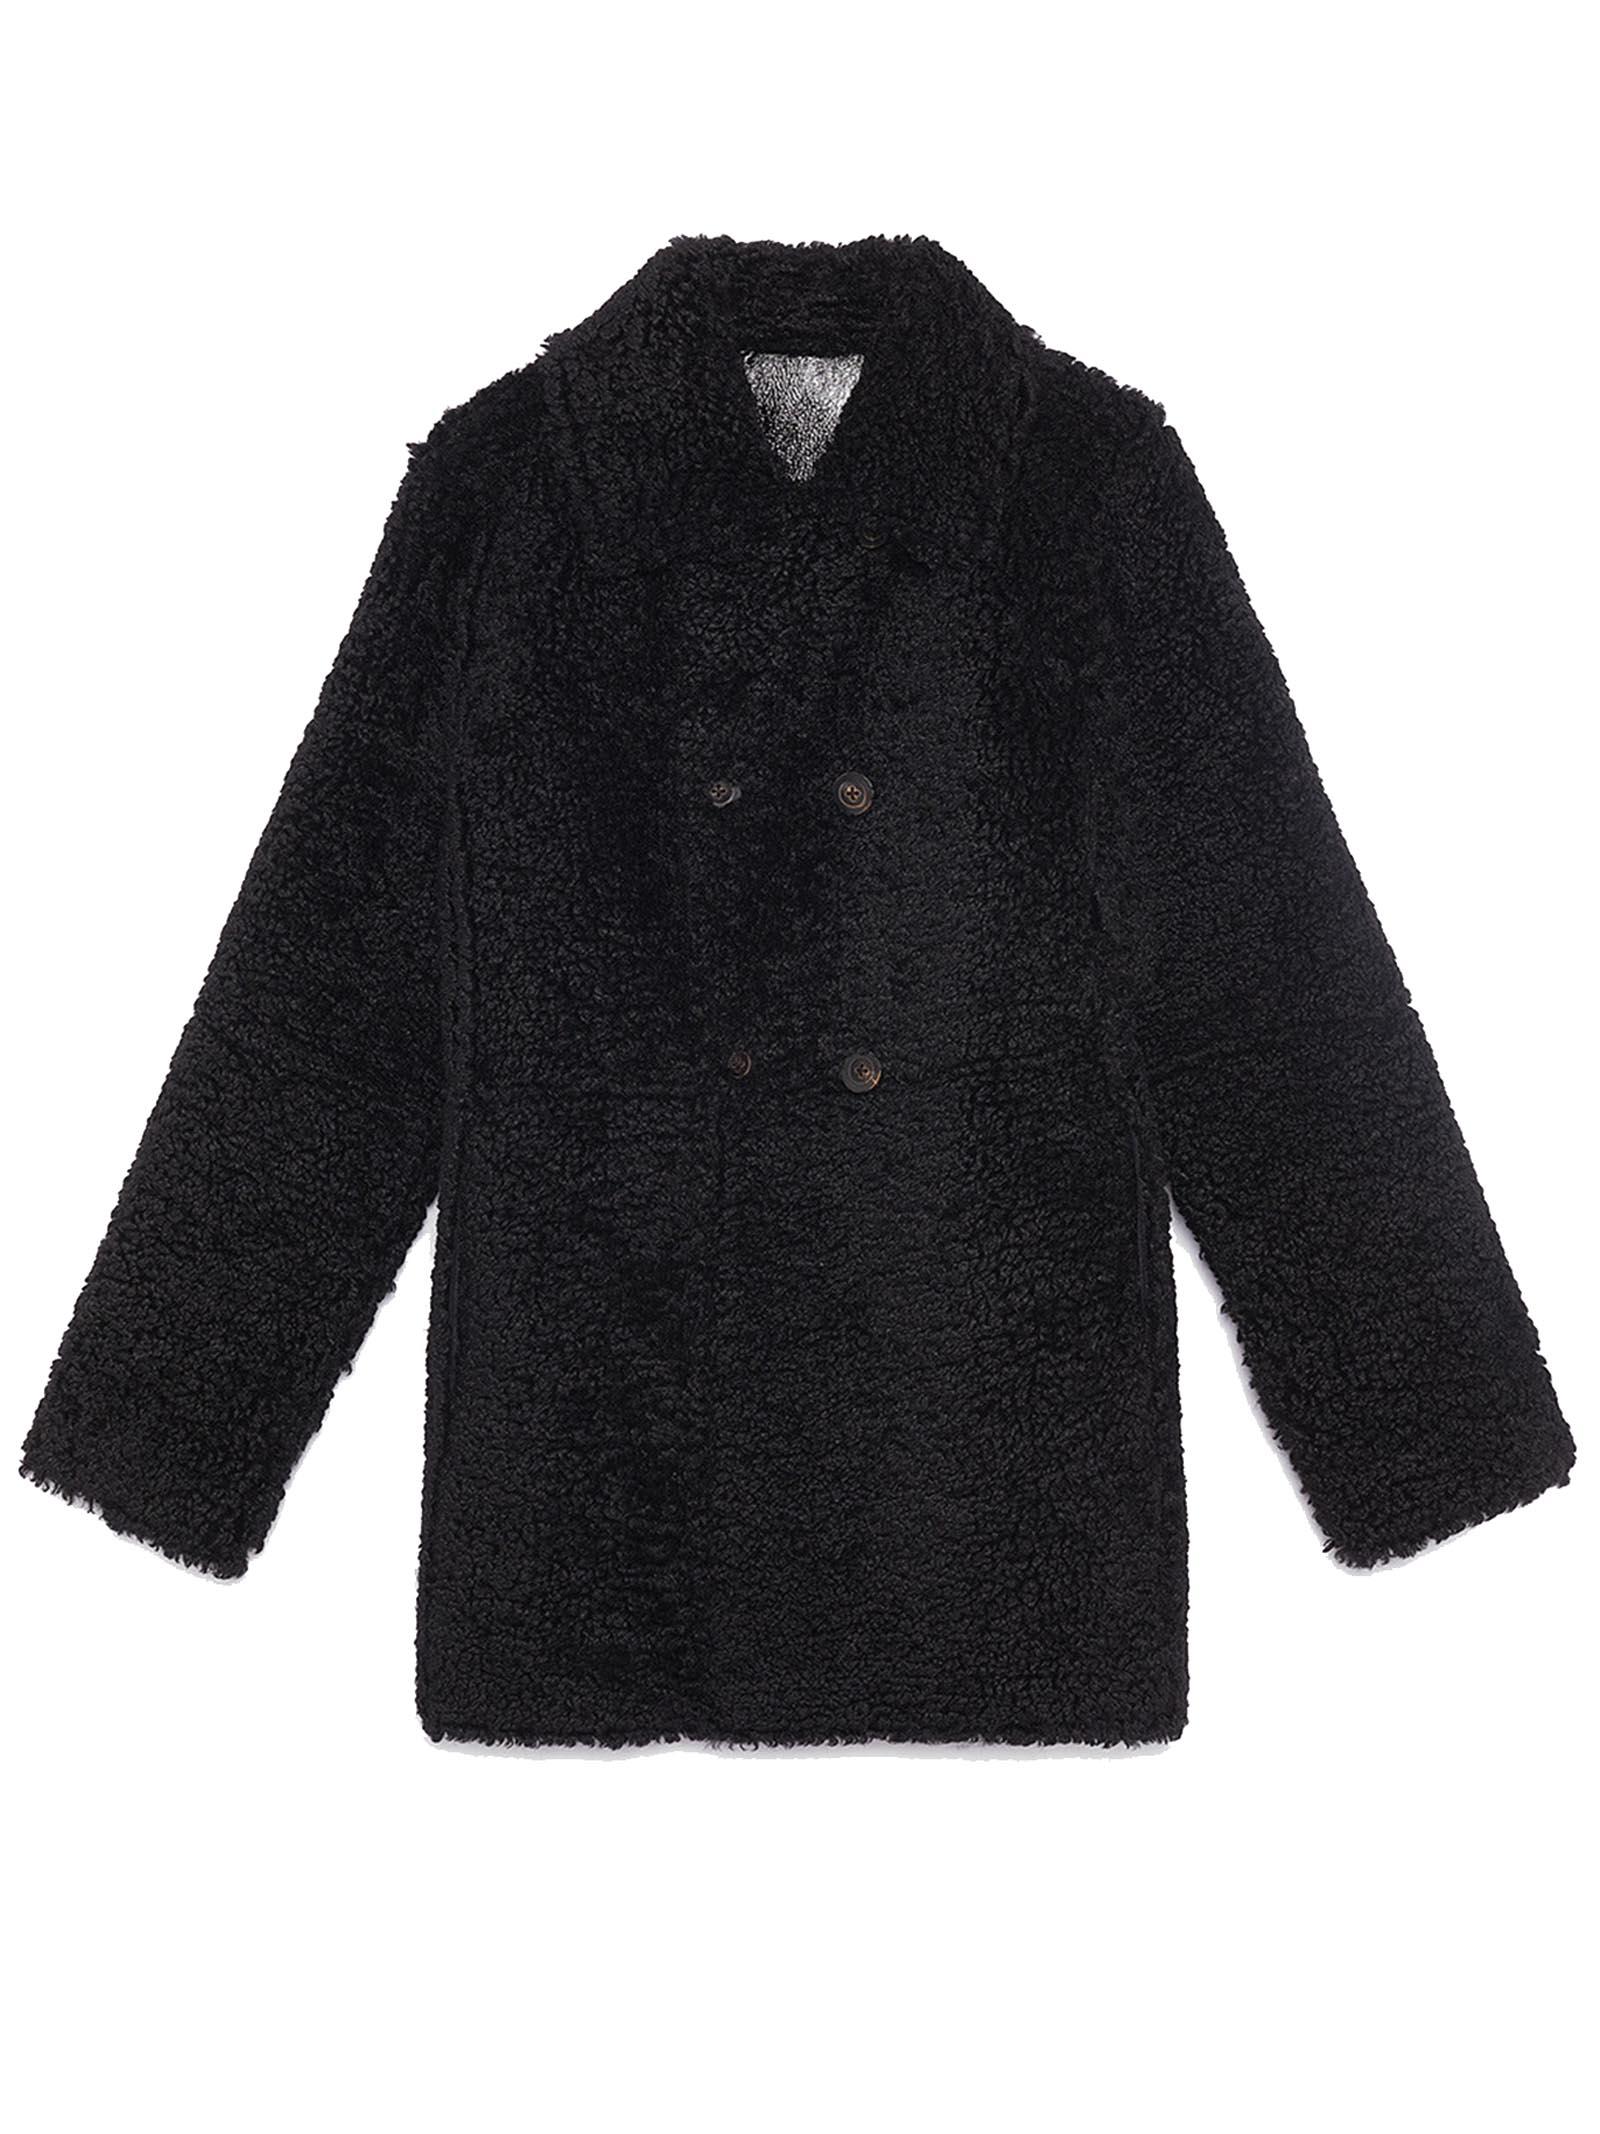 Abbigliamento Donna Giaccone Doppiopetto Ram-Look Reversibile in Eco-montone Nero con Bottoni Gioiello Maliparmi   Cappotti   JA52585056320000